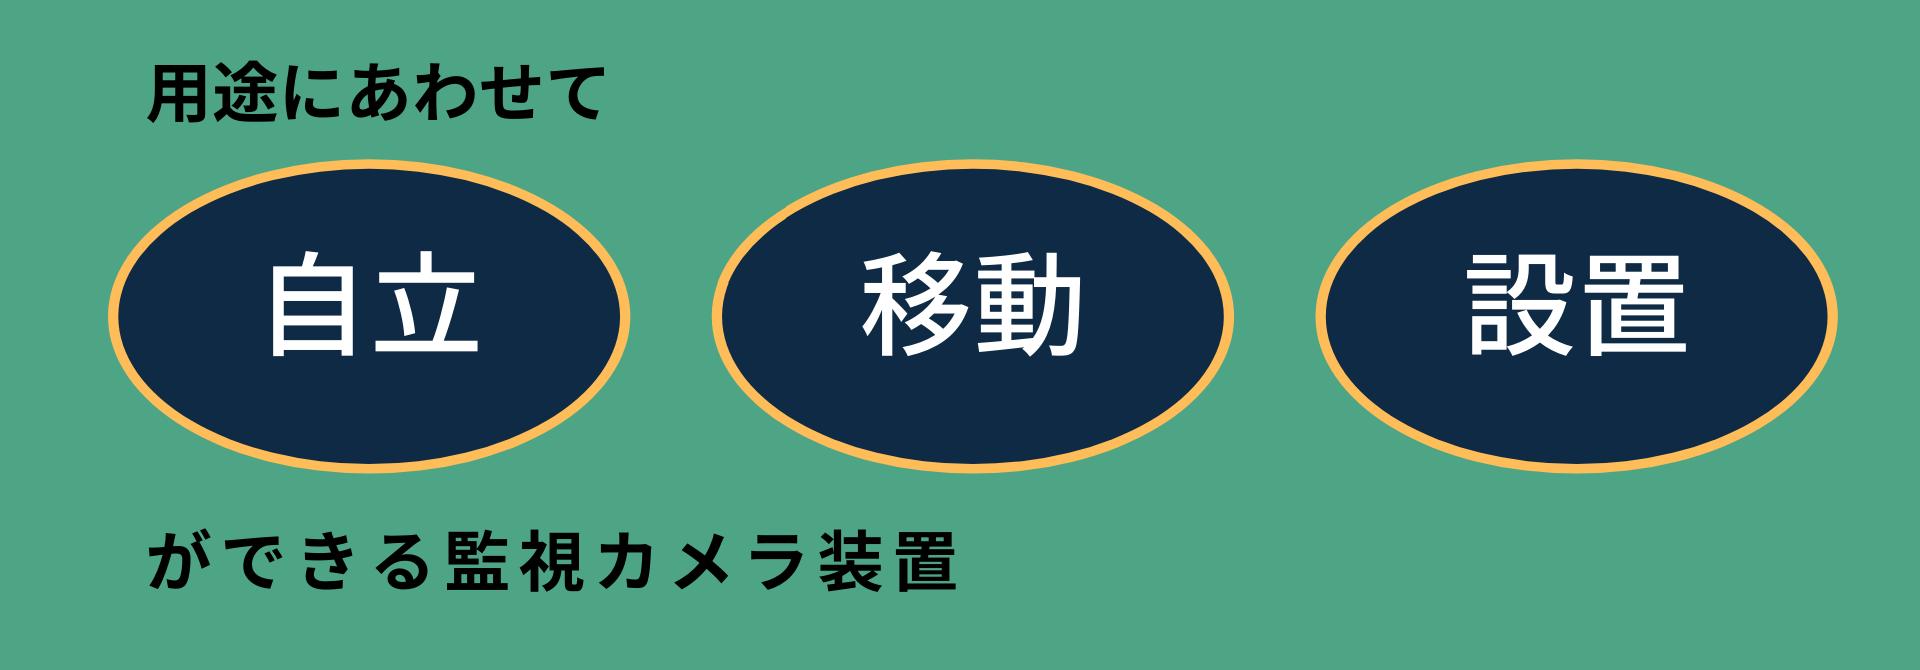 ドコデモ監視君(動態検知録画装置2K)